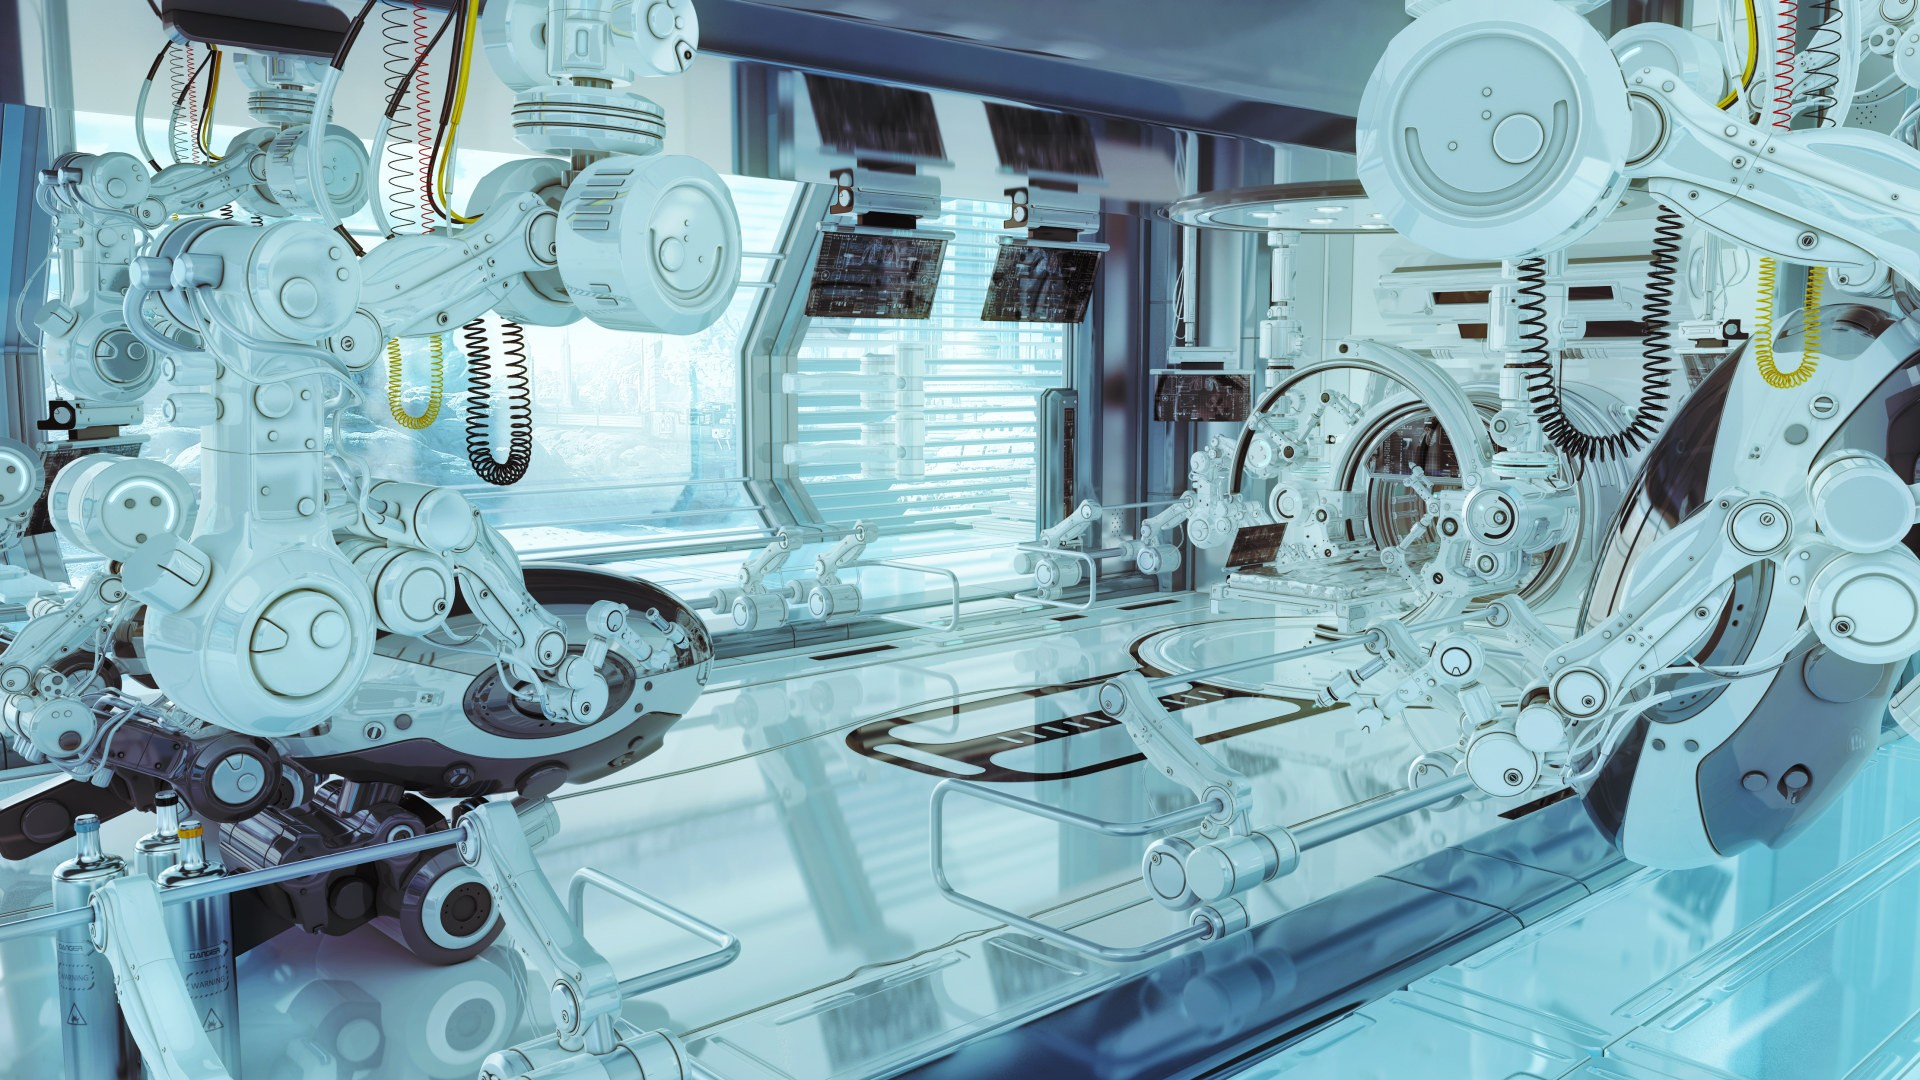 Физики изРФ посоветовали встроить в мобильные телефоны лазерную химлабораторию